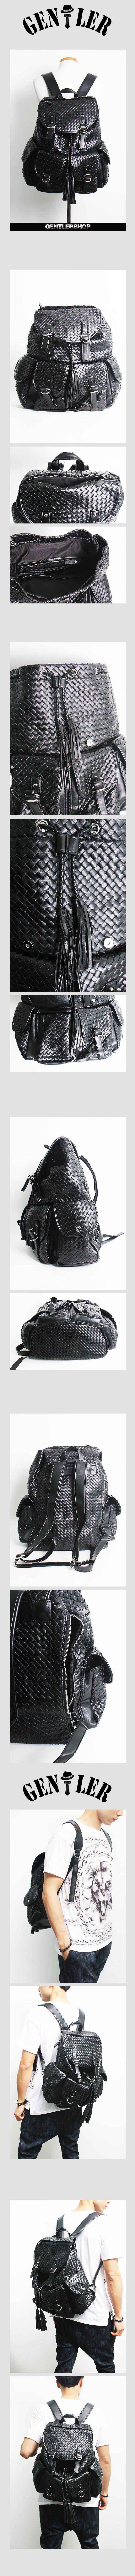 GENTLERSHOP Men/'s Fashion Black Weave Pattern Backpack